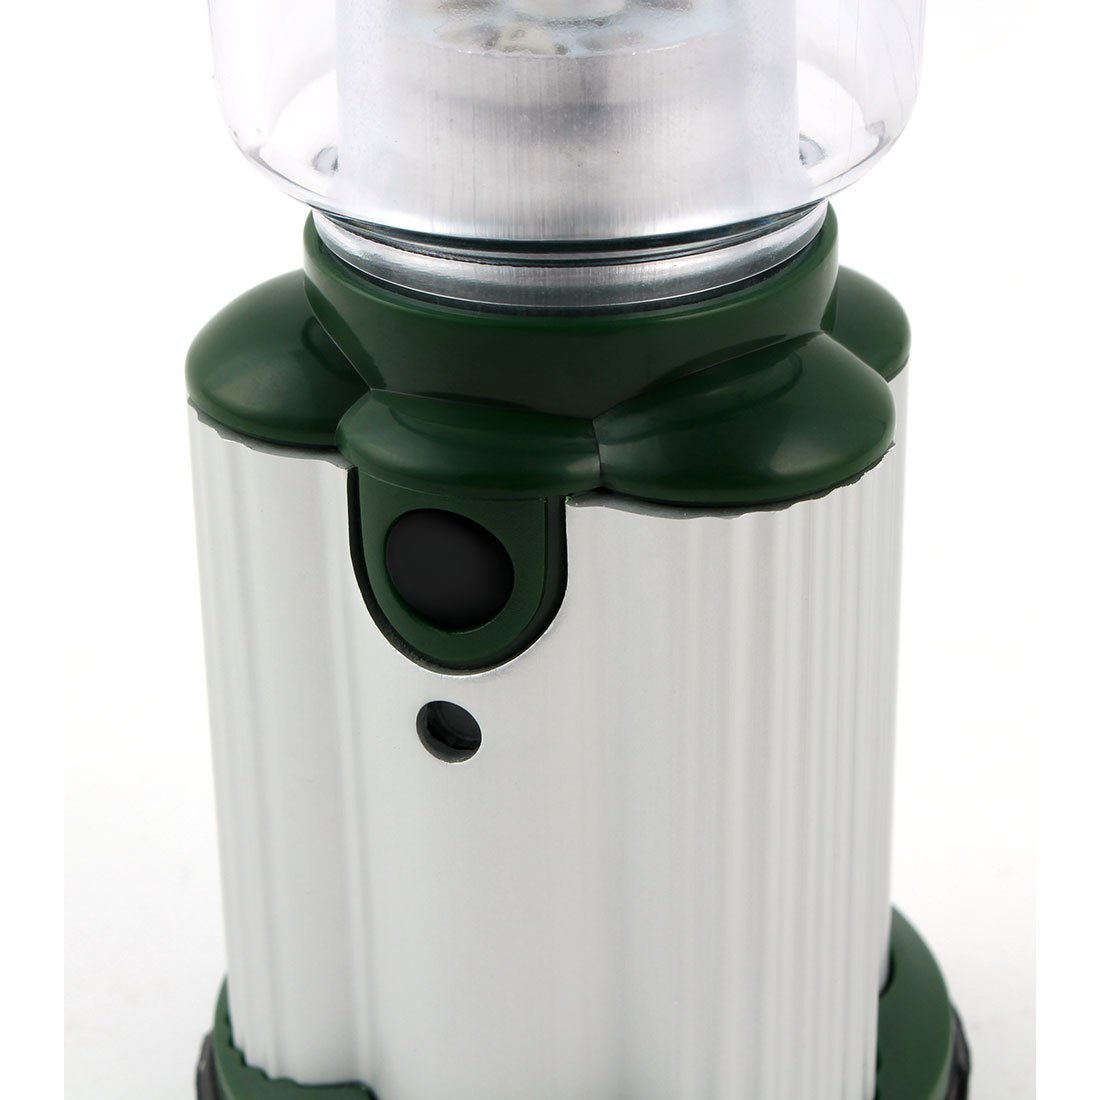 Amazon.com : eDealMax SUBOOS Autorizado Ultra Brillante de 300 lúmenes Carpa de luz LED al aire Libre Con pilas de la linterna que acampa resistente al agua ...